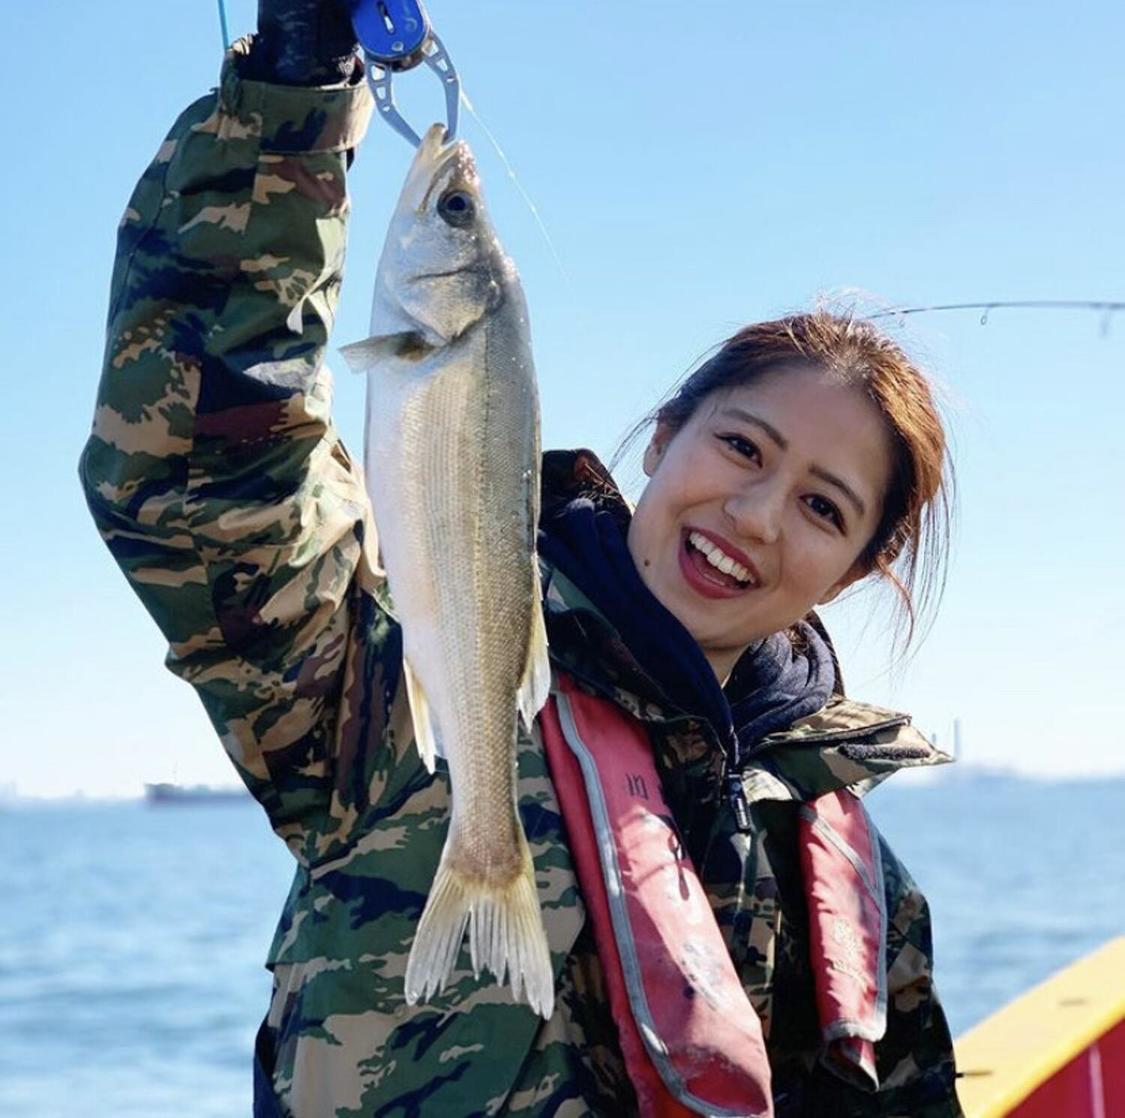 池山智瑛、第12代アングラーズアイドルに選出!釣り業界の新たなイメージガールに